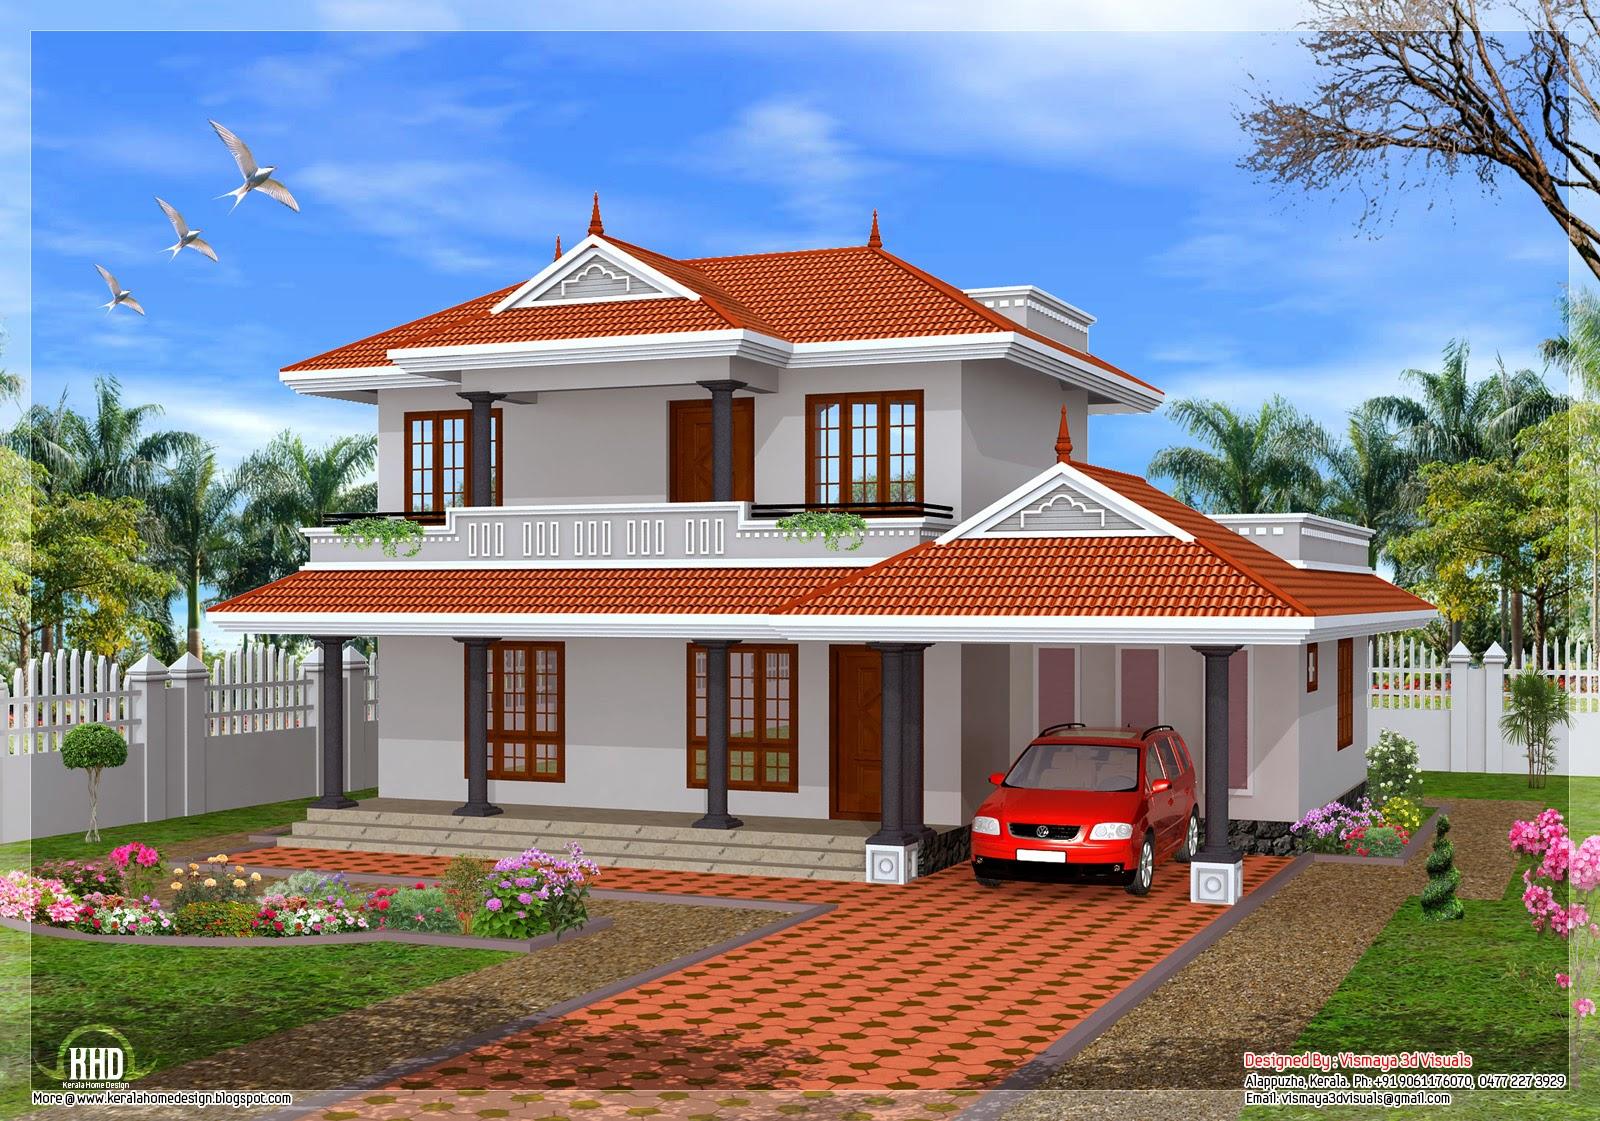 Ramani na muonekano wa nyumba nzuri na ya kisasa zaidi for Kerala house images gallery